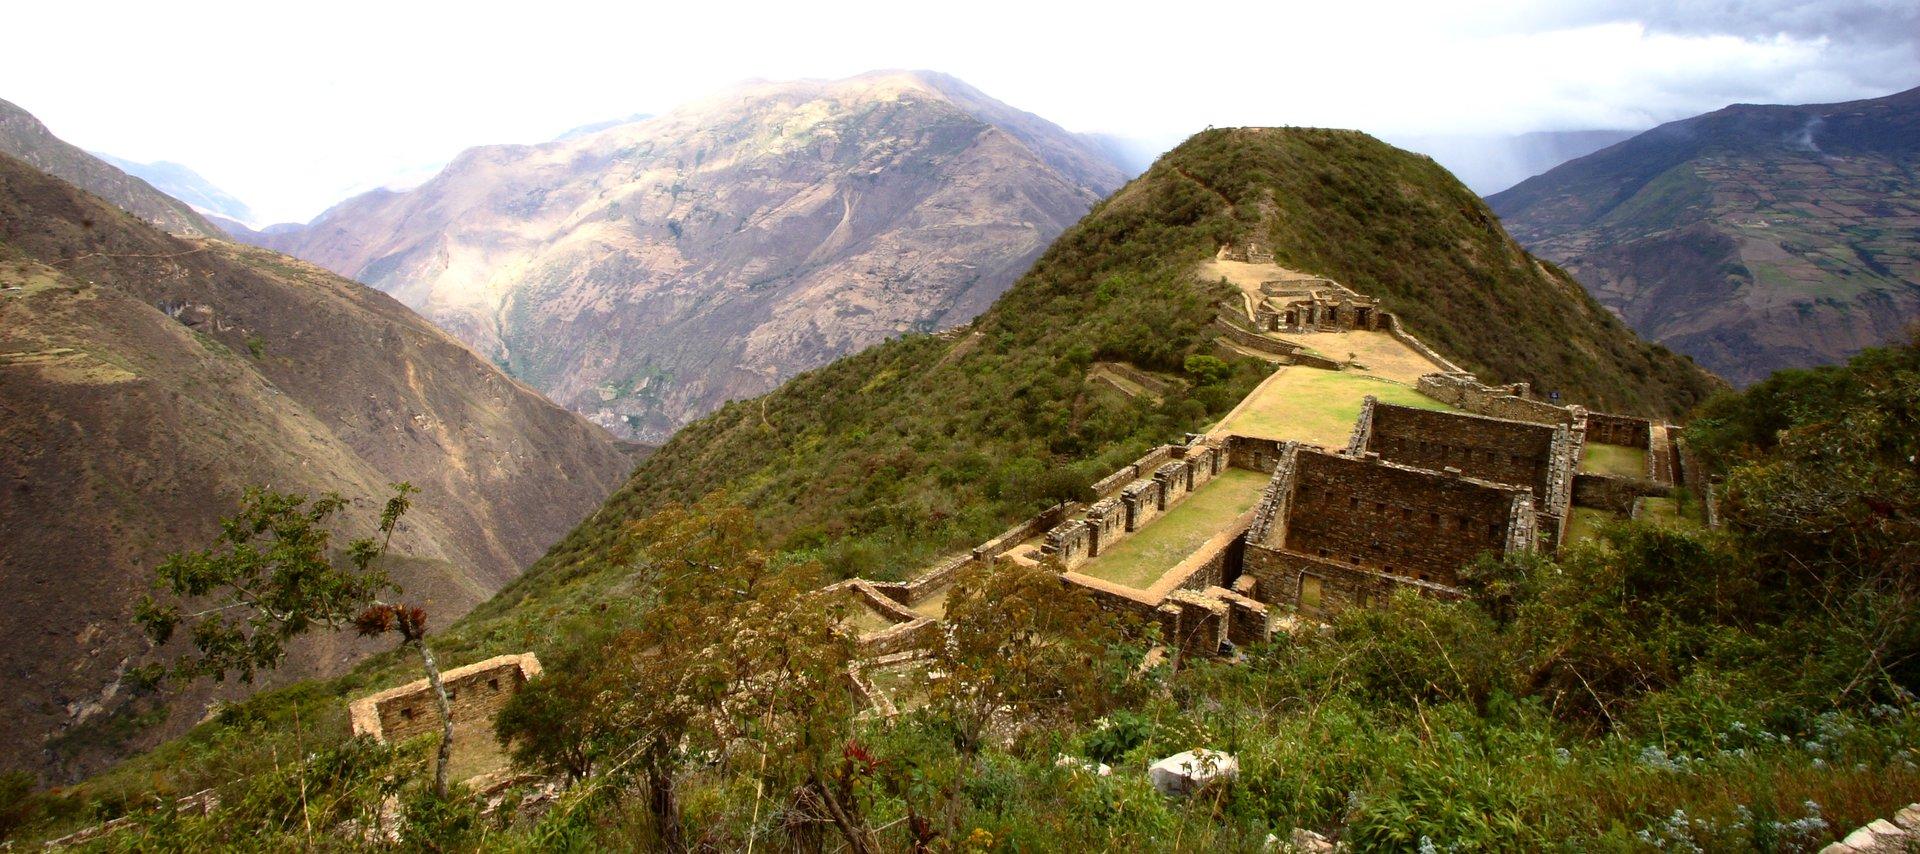 Choquequirao in Peru 2020 - Best Time